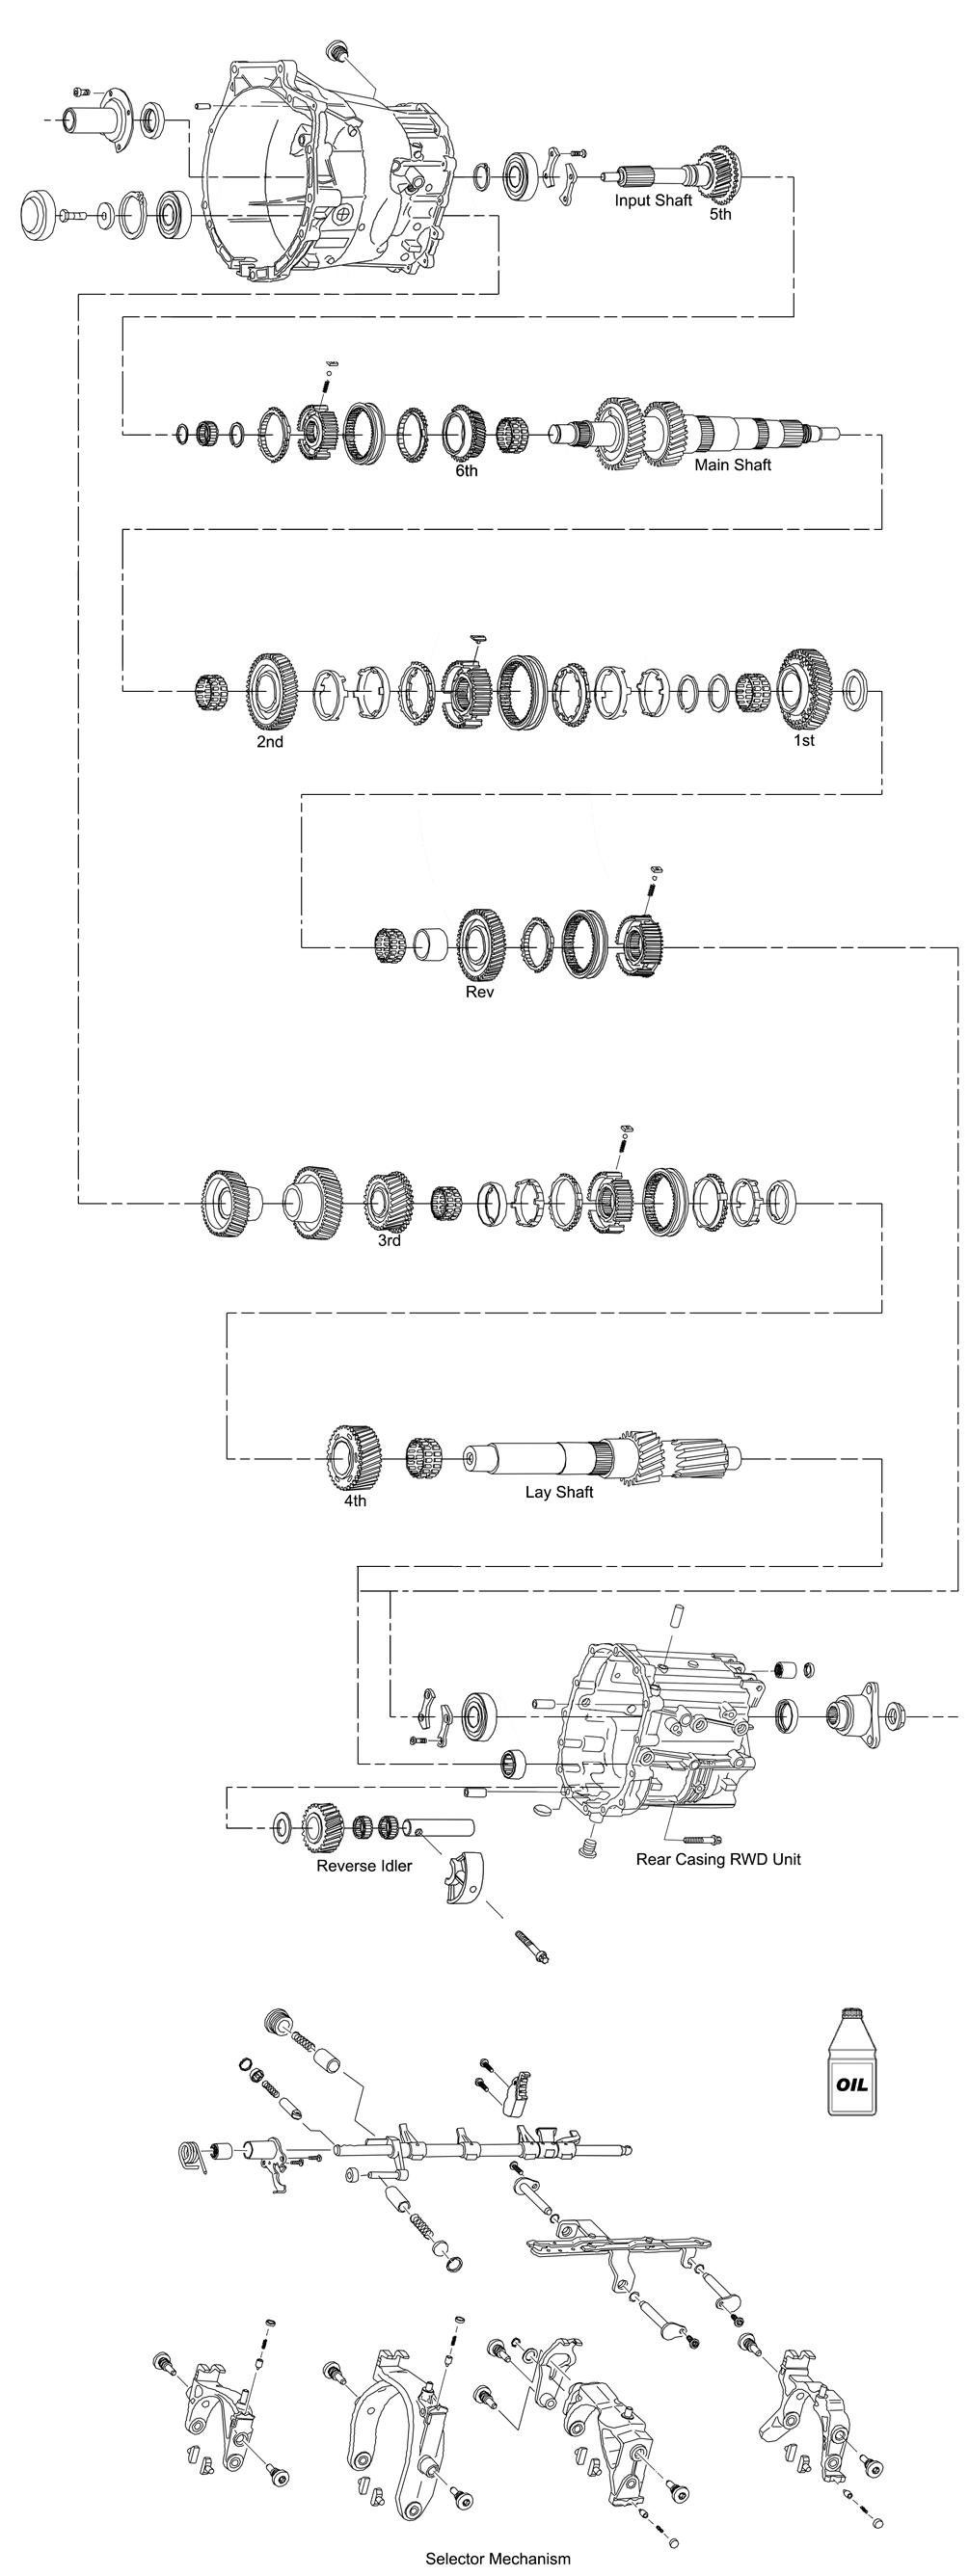 gs6-37dz schematics